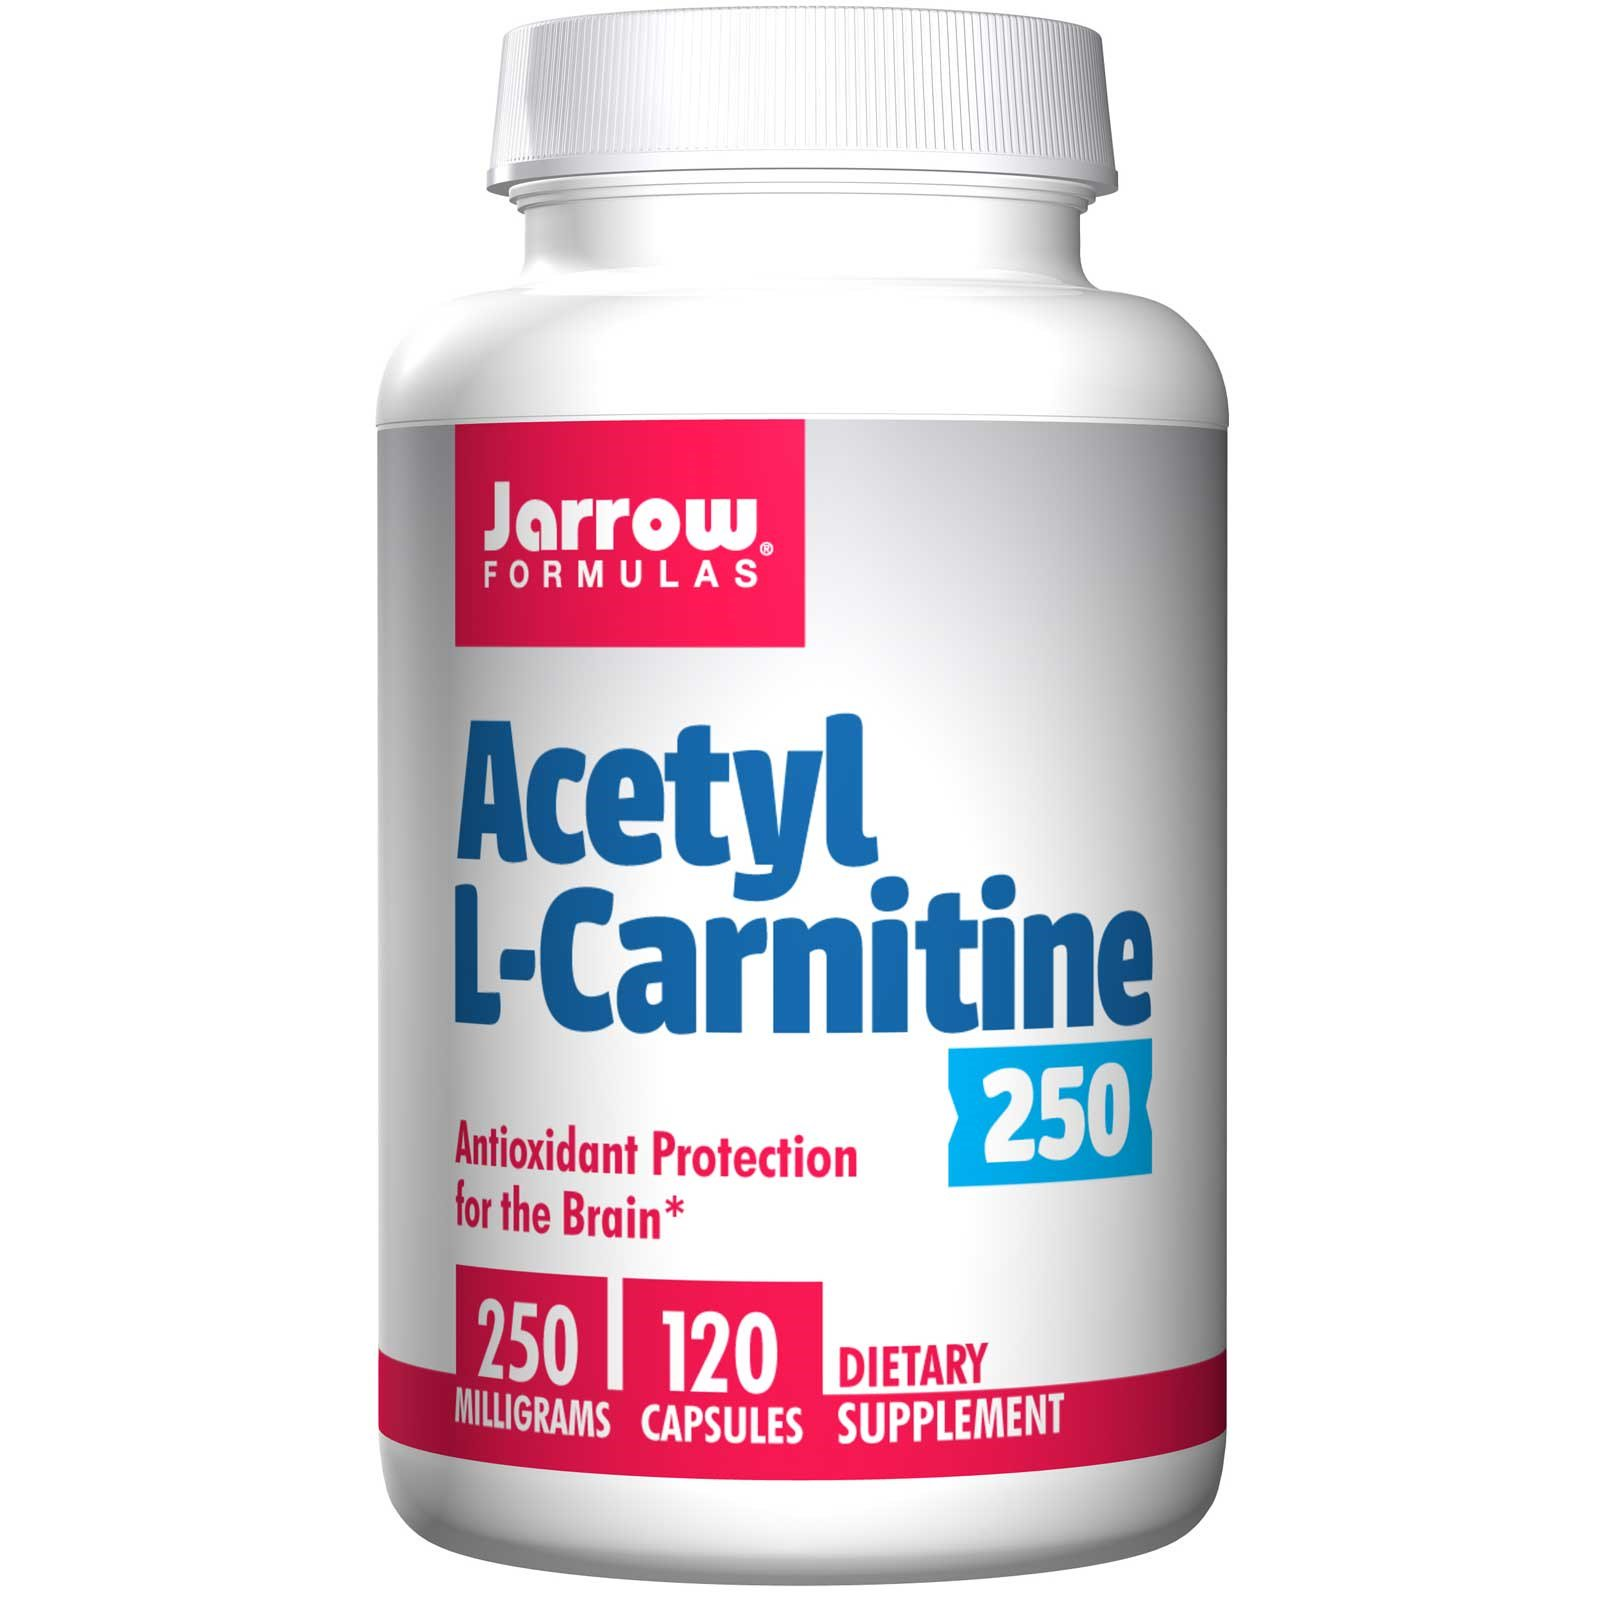 Acetyl L Carnitine 250 mg (120 Vegetarian Capsules) Jarrow Formulas